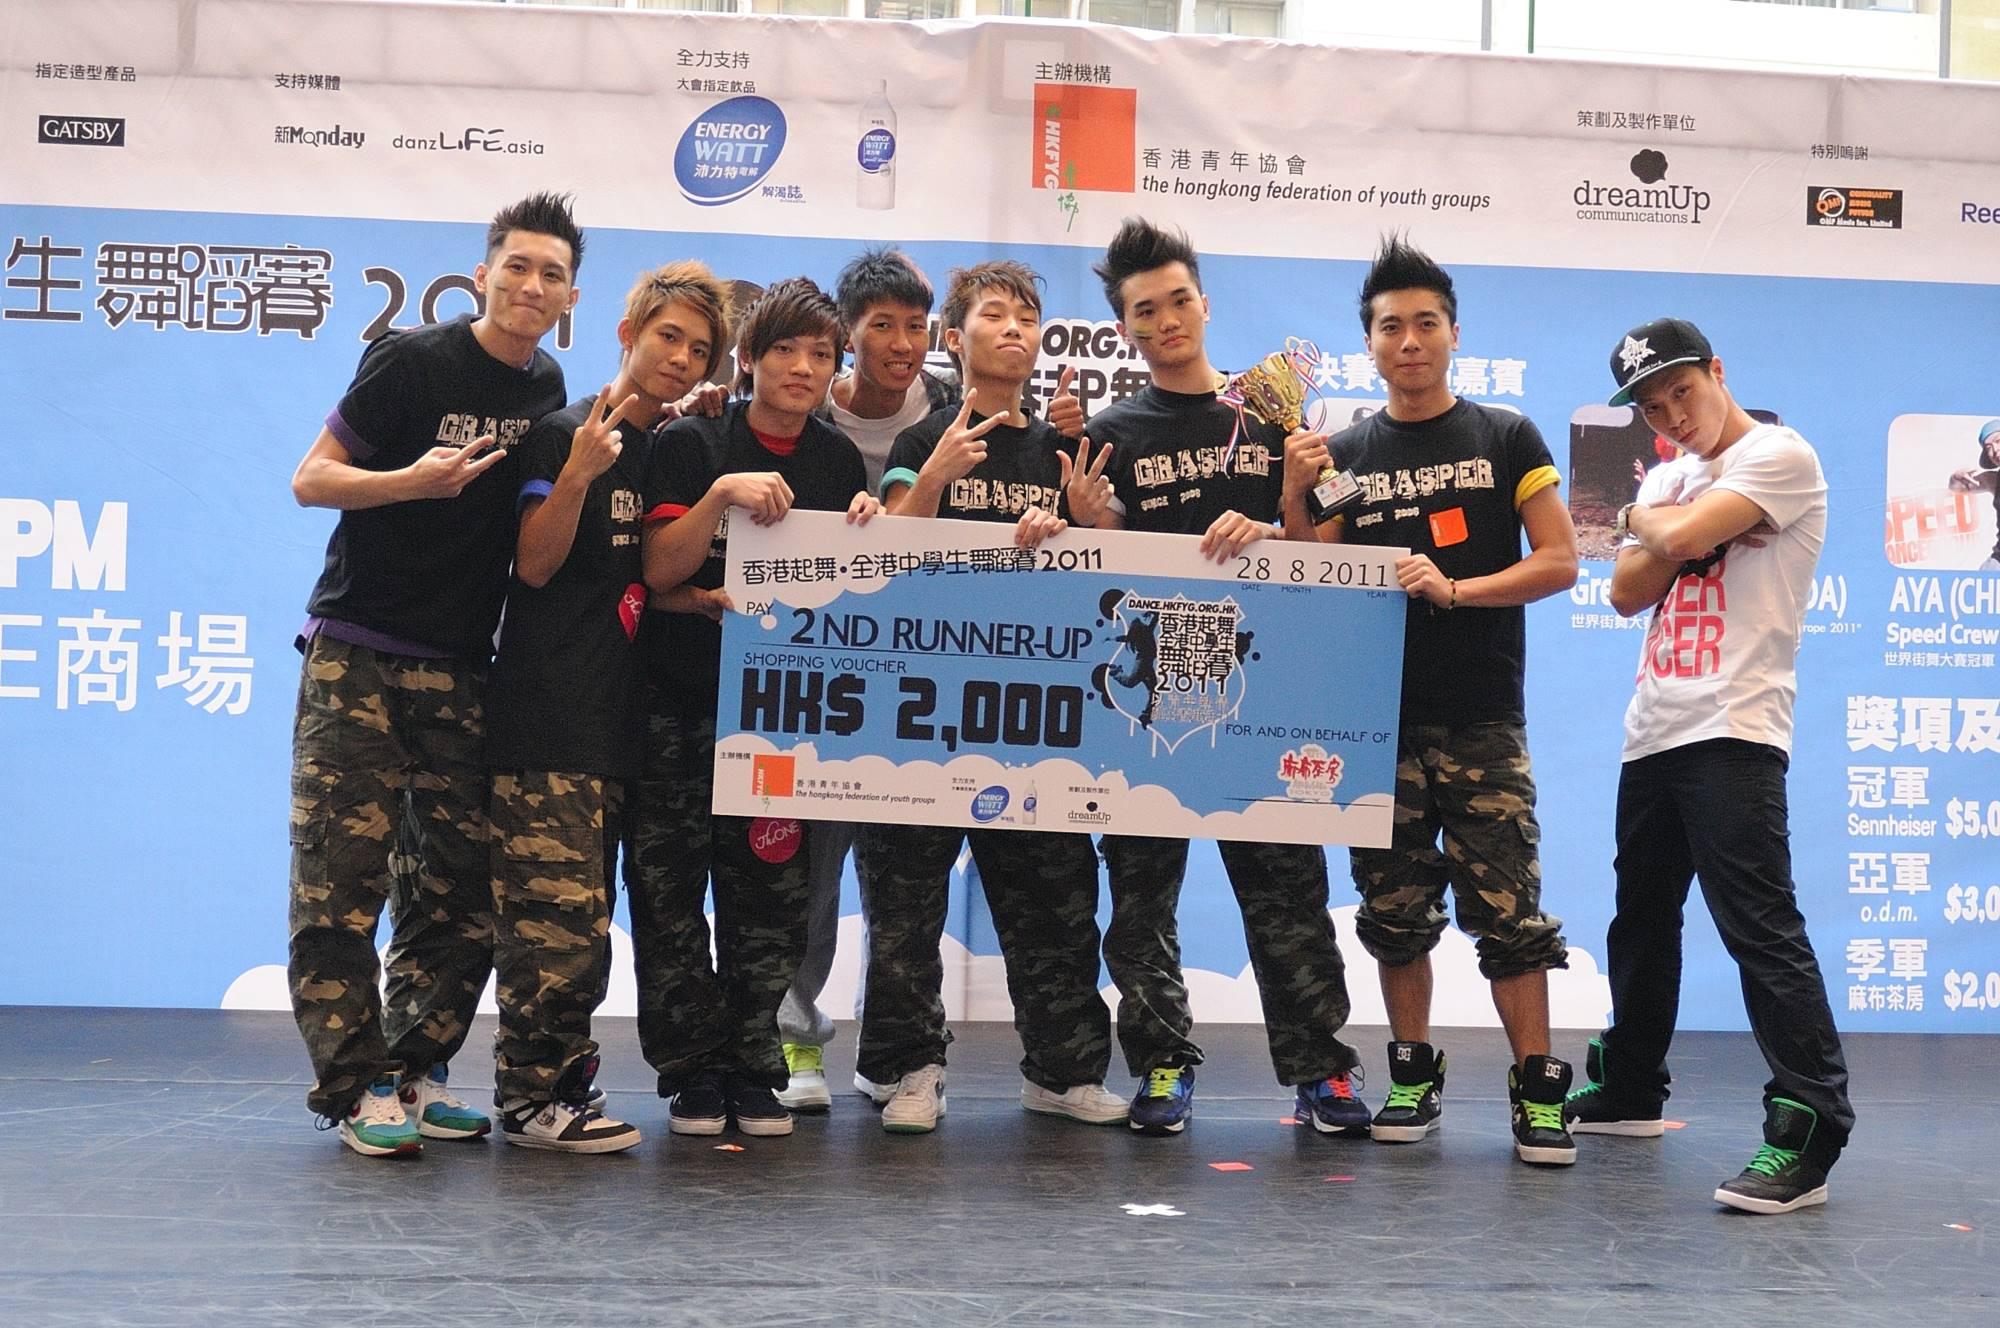 全港中學生舞蹈賽2011得獎隊伍 (6)